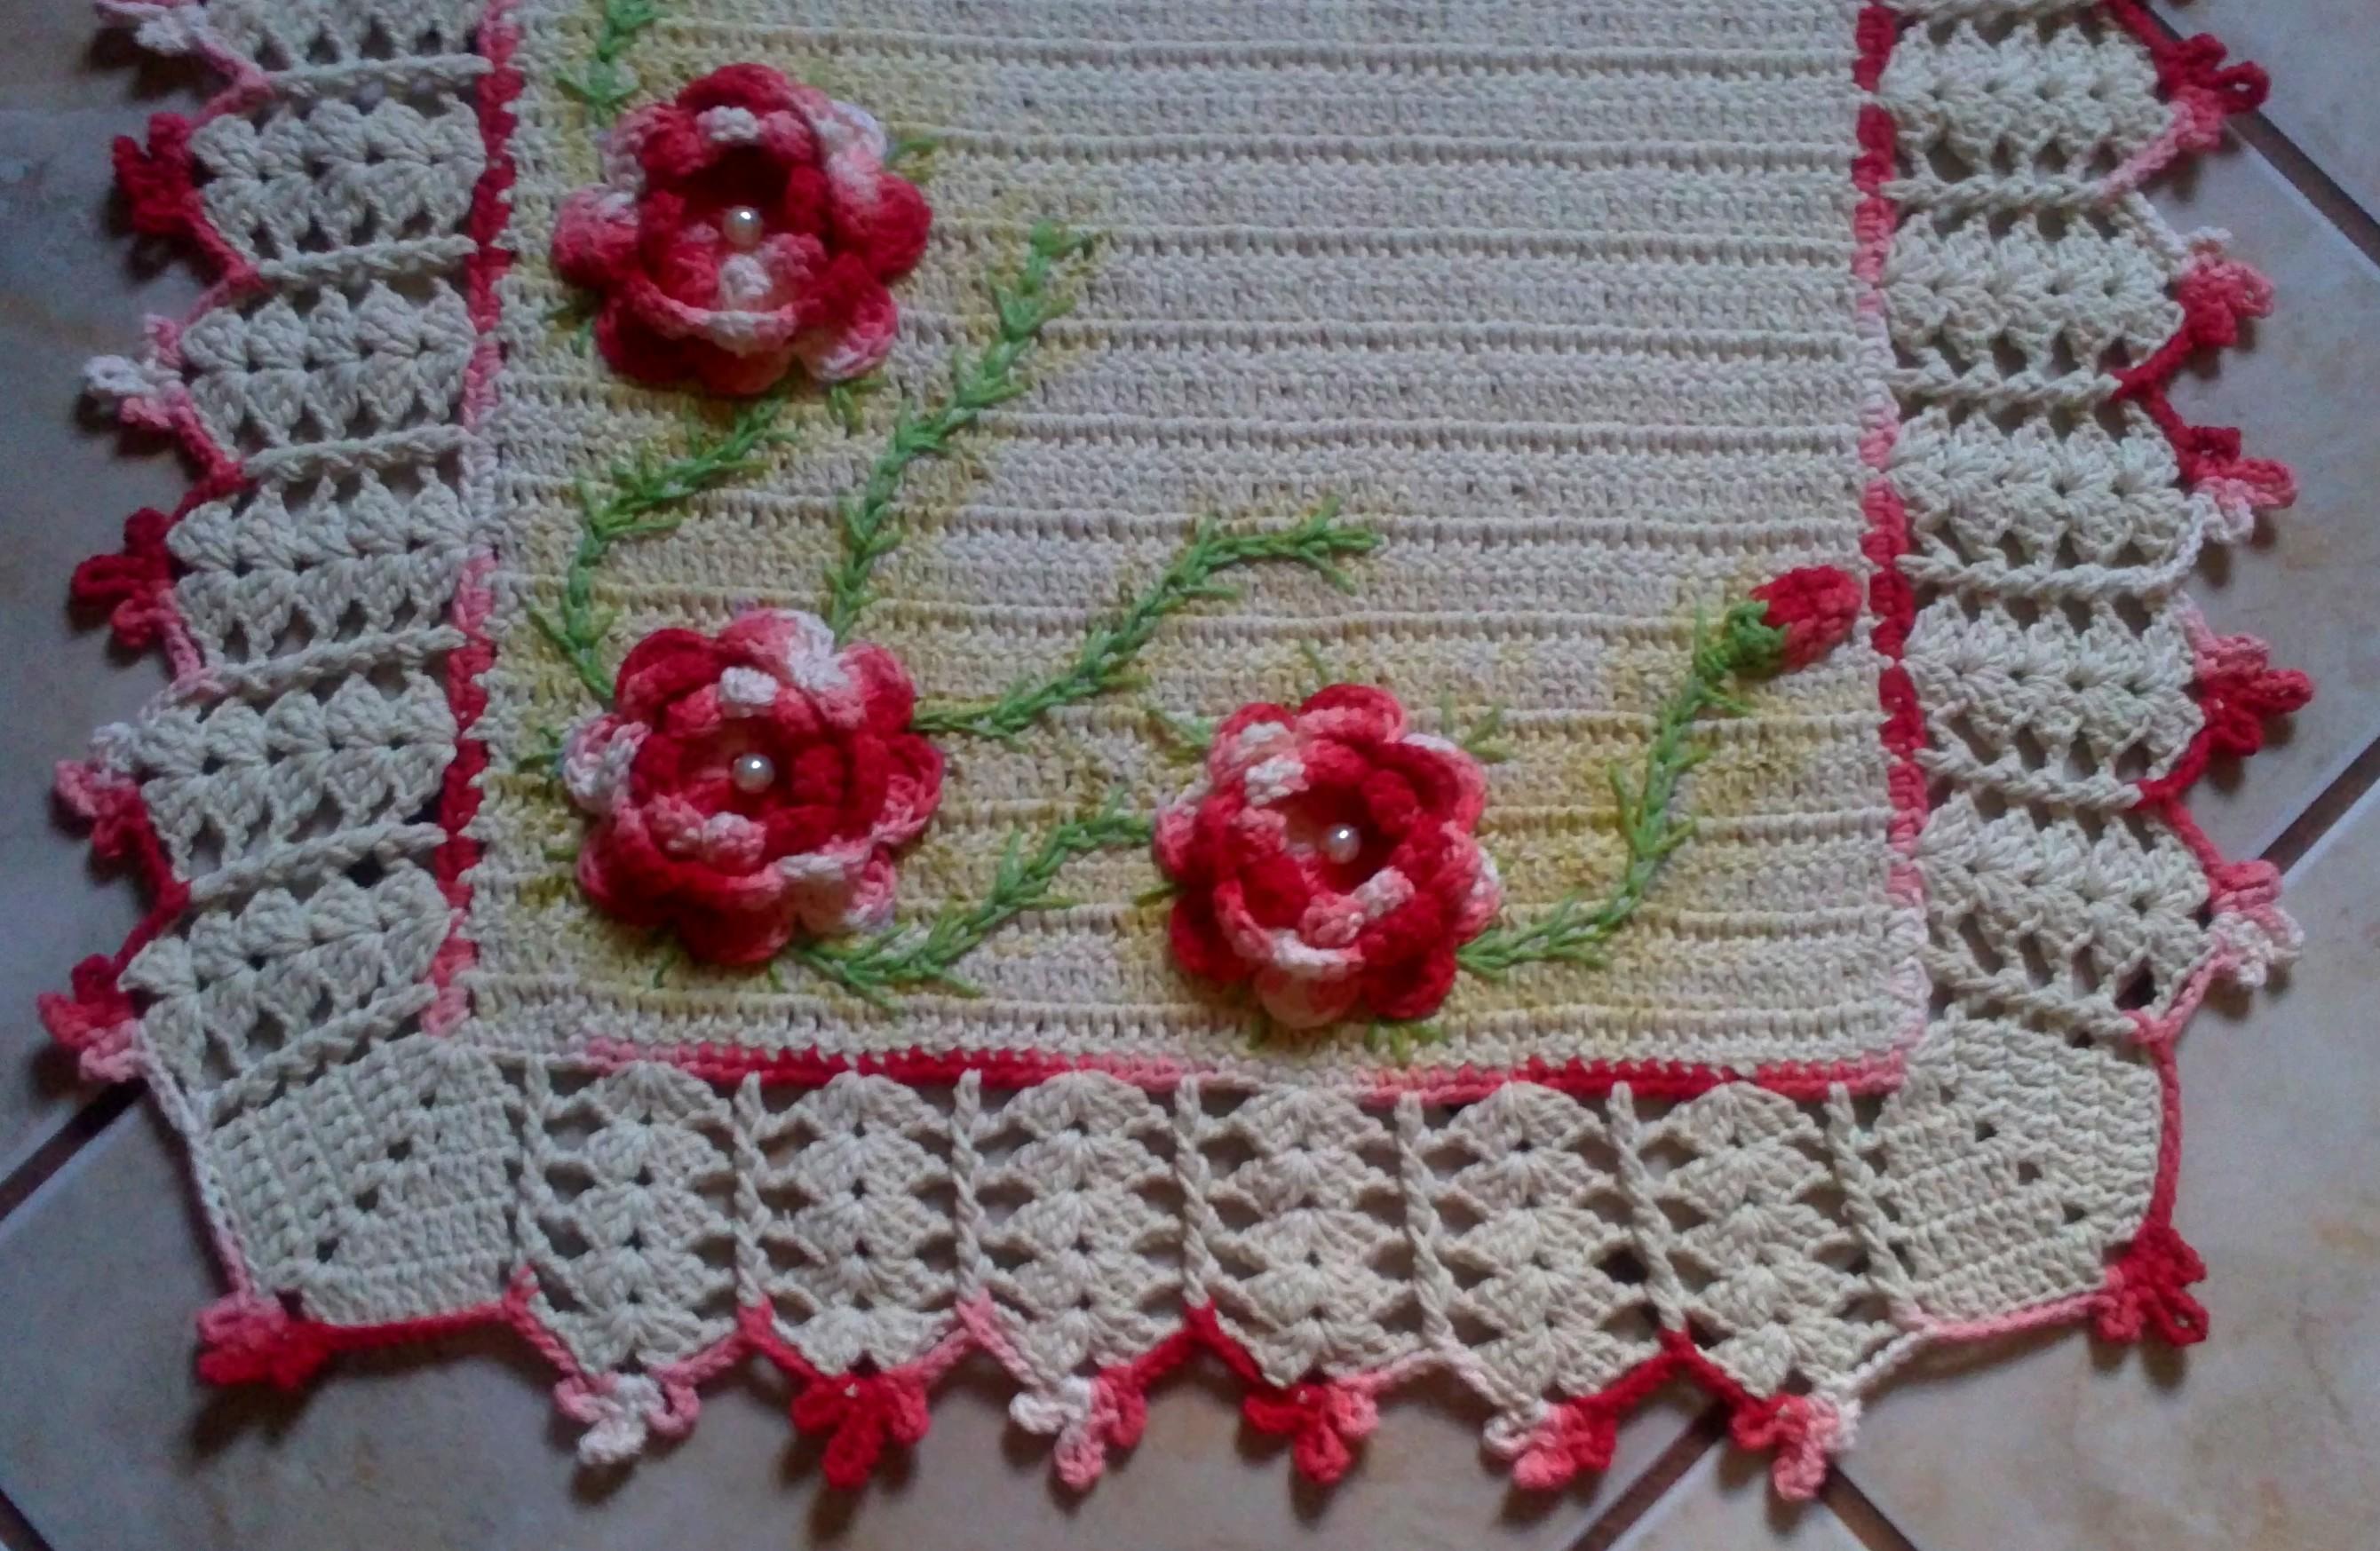 tapetes de crochê barroco com flores e bordado